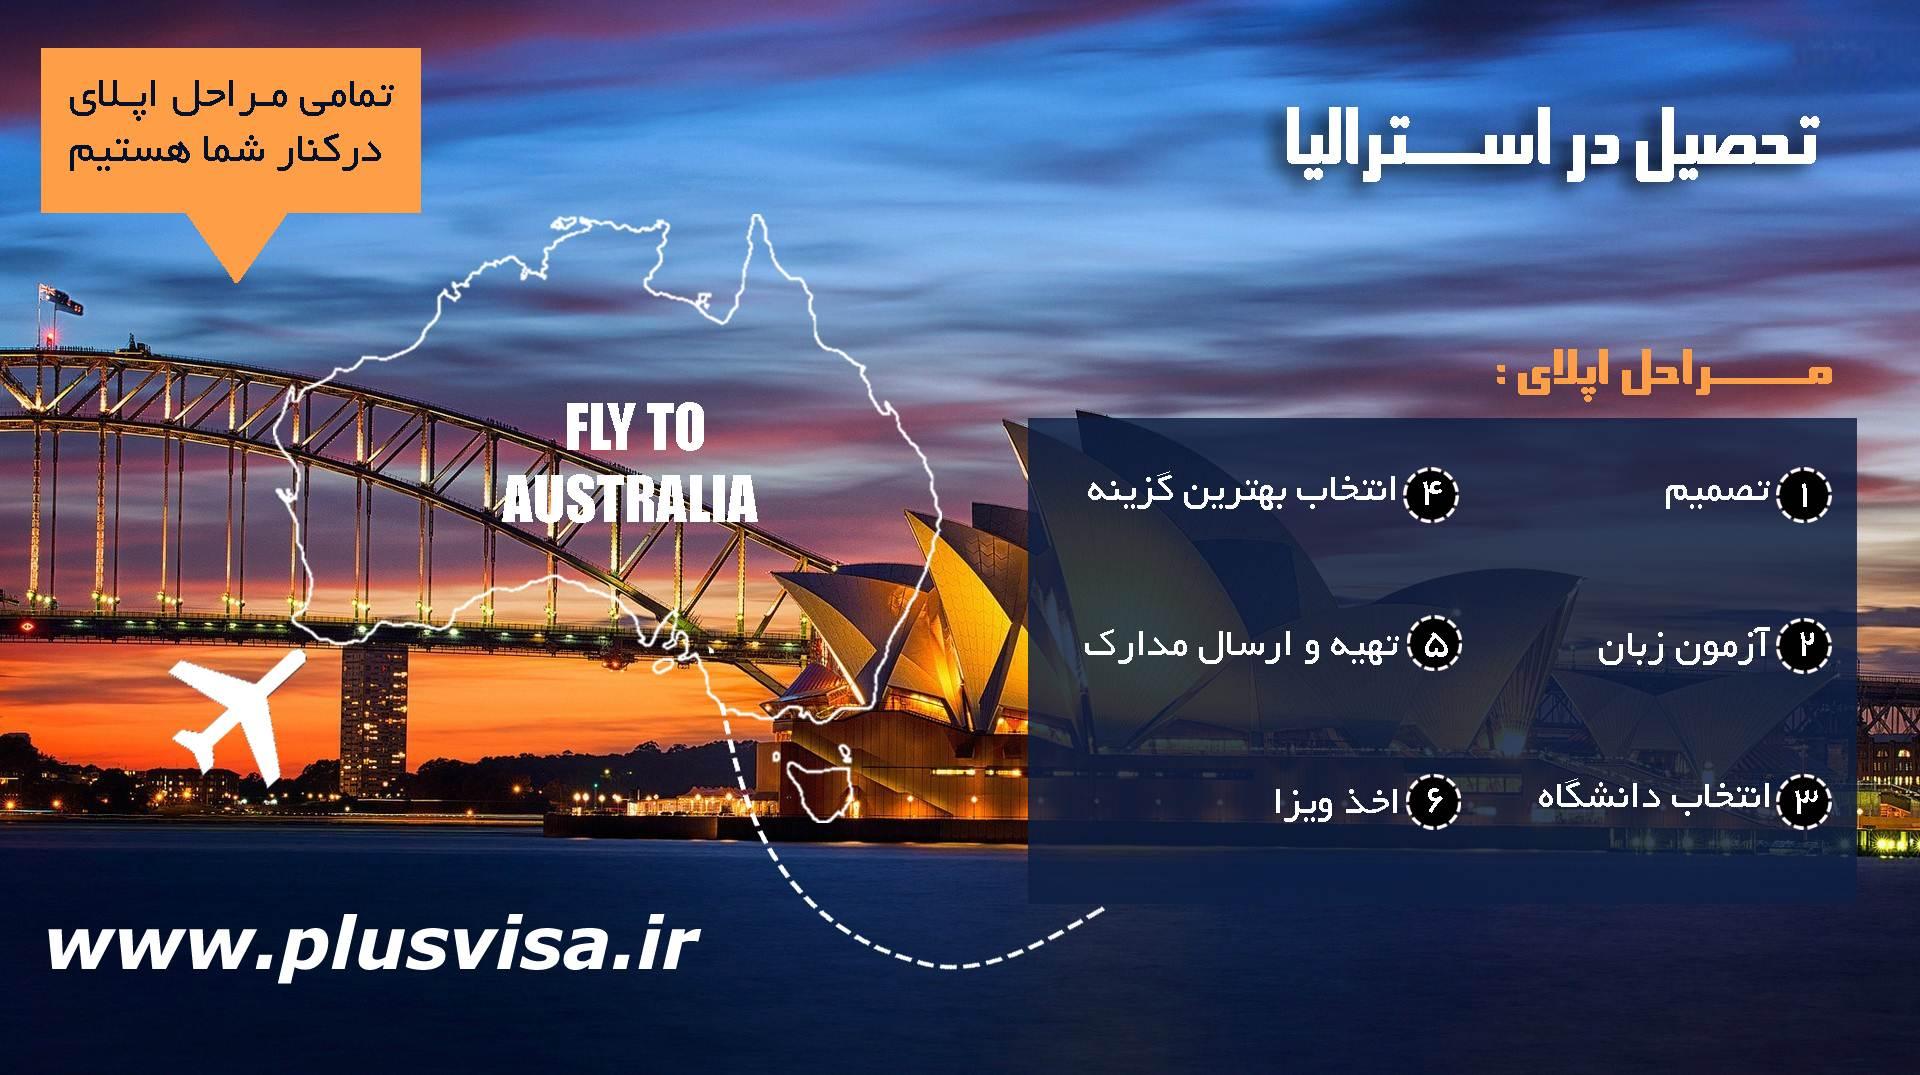 شرایط و مراحل اخذ پذیرش تحصیلی از استرالیا